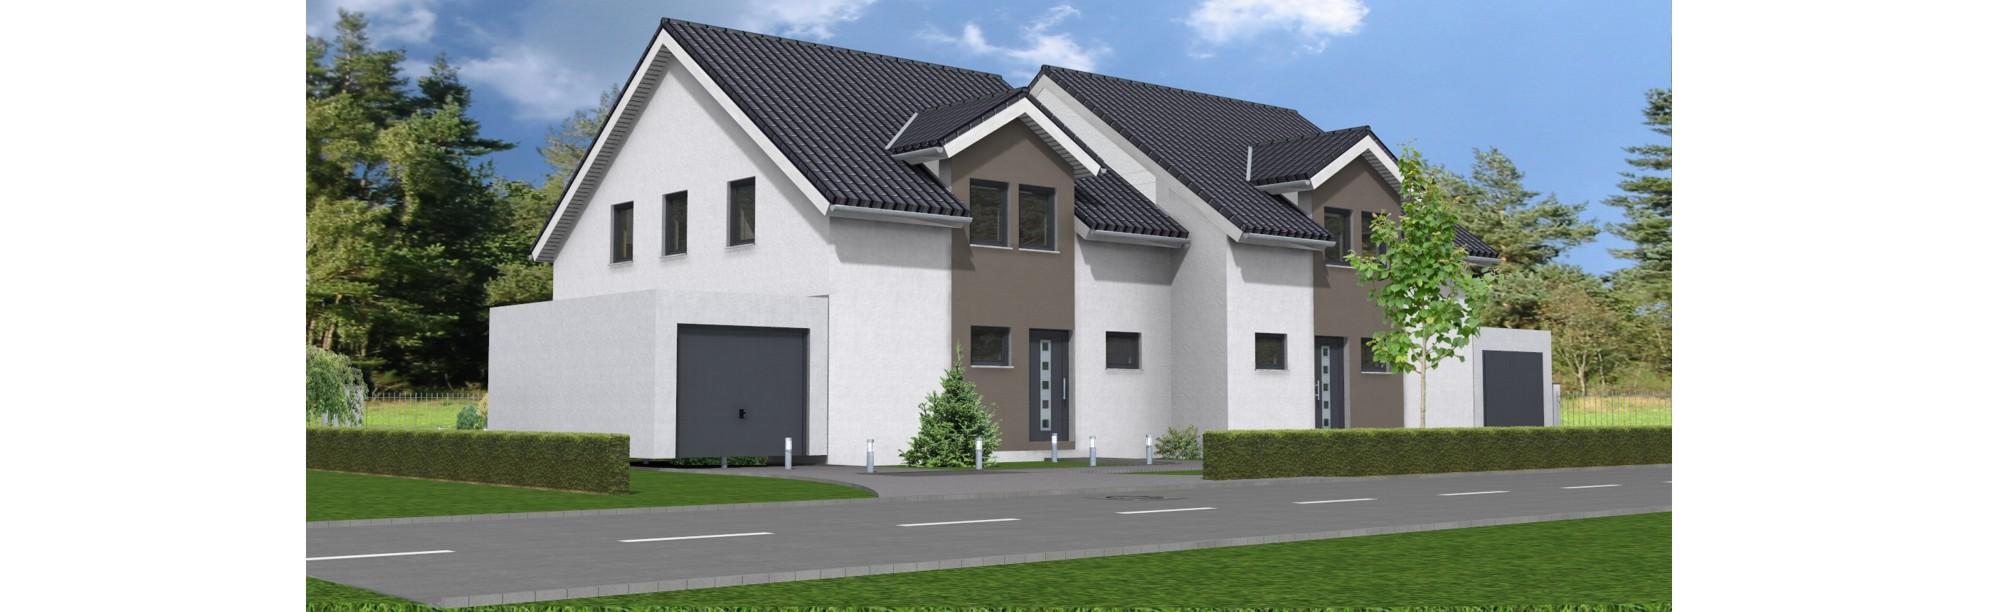 Neue bezugsfertige Doppelhaus-Hälfte in Wittlich/Altrich